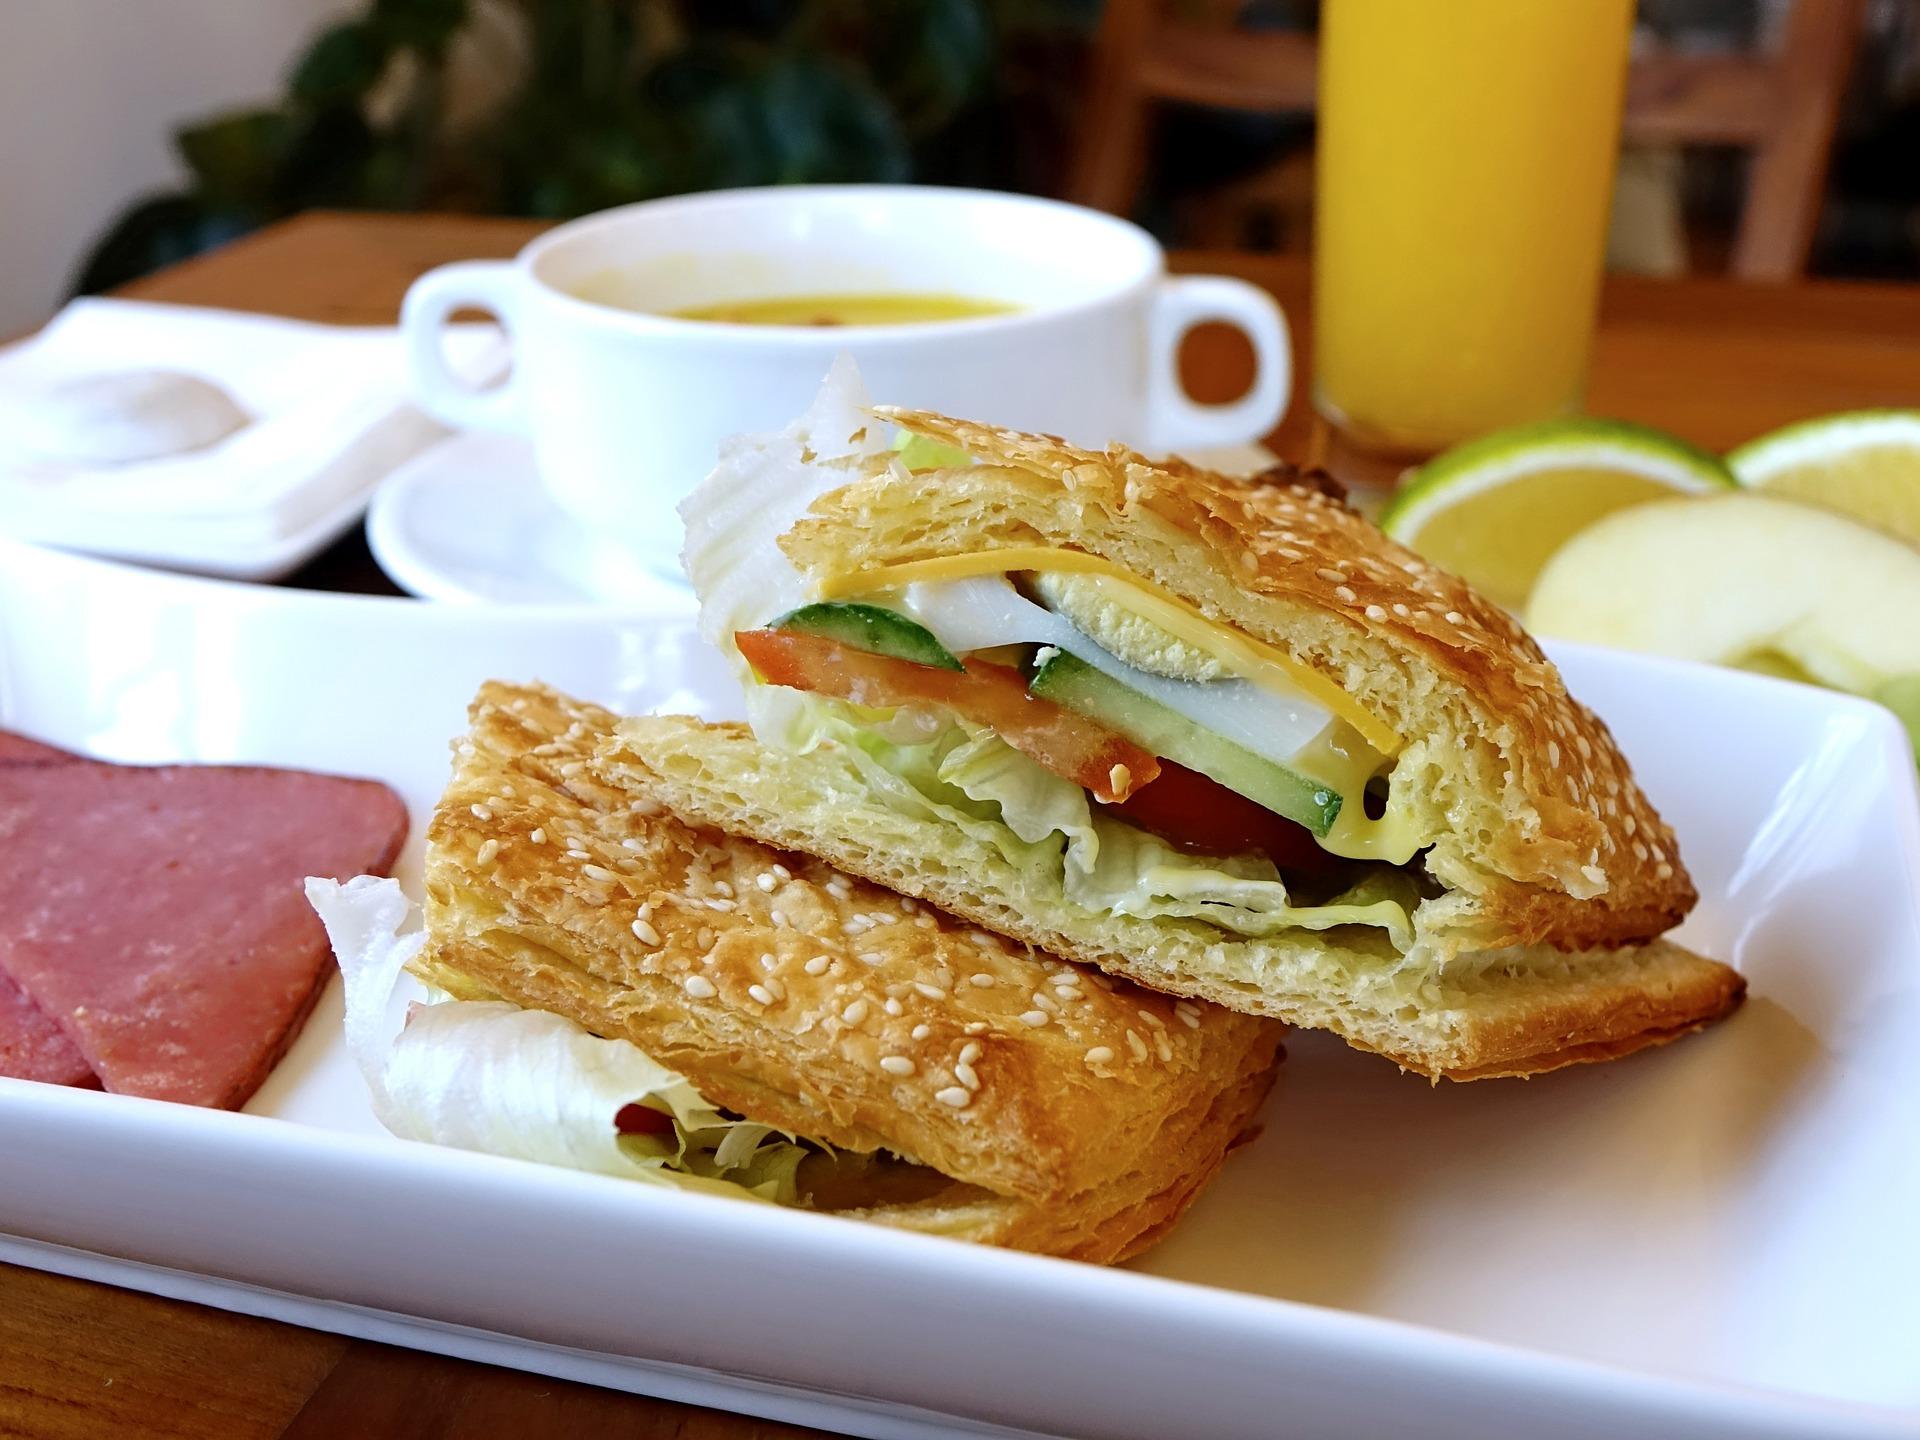 Breakfast Food, Baked, Breakfast, Brunch, Cafe, HQ Photo